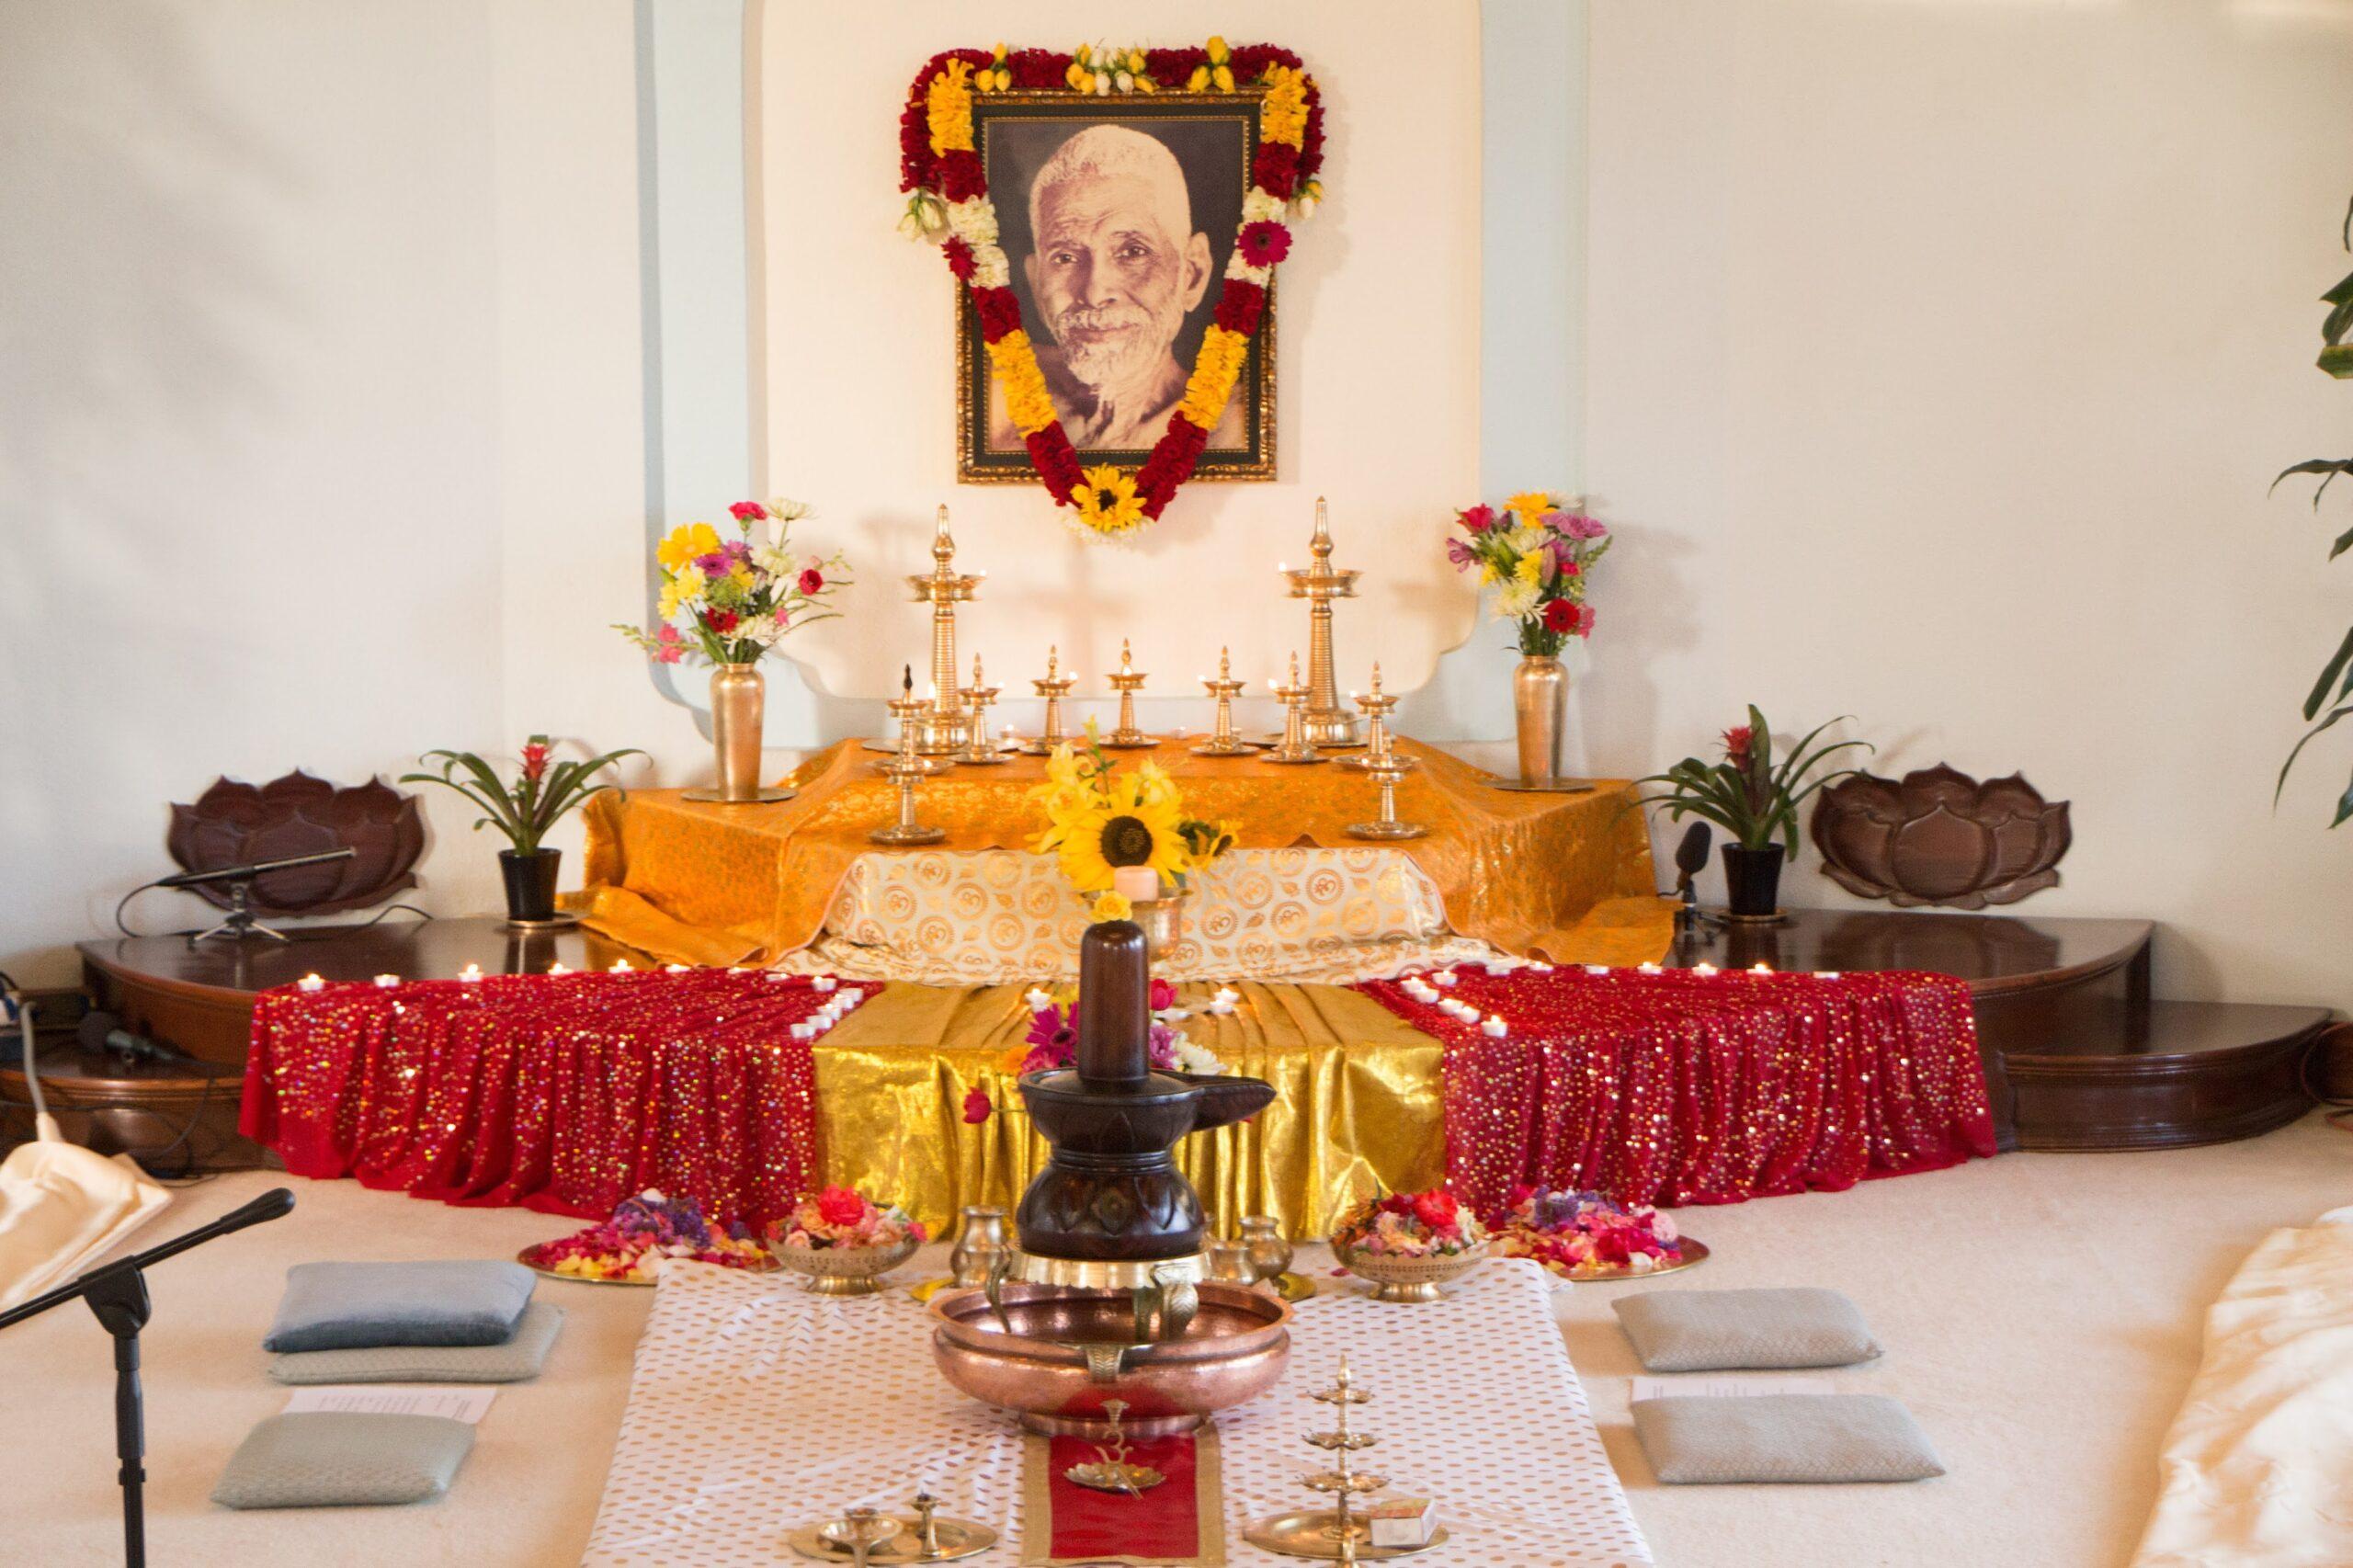 2021 Sri Ramana Maharshi Self-Realization Day